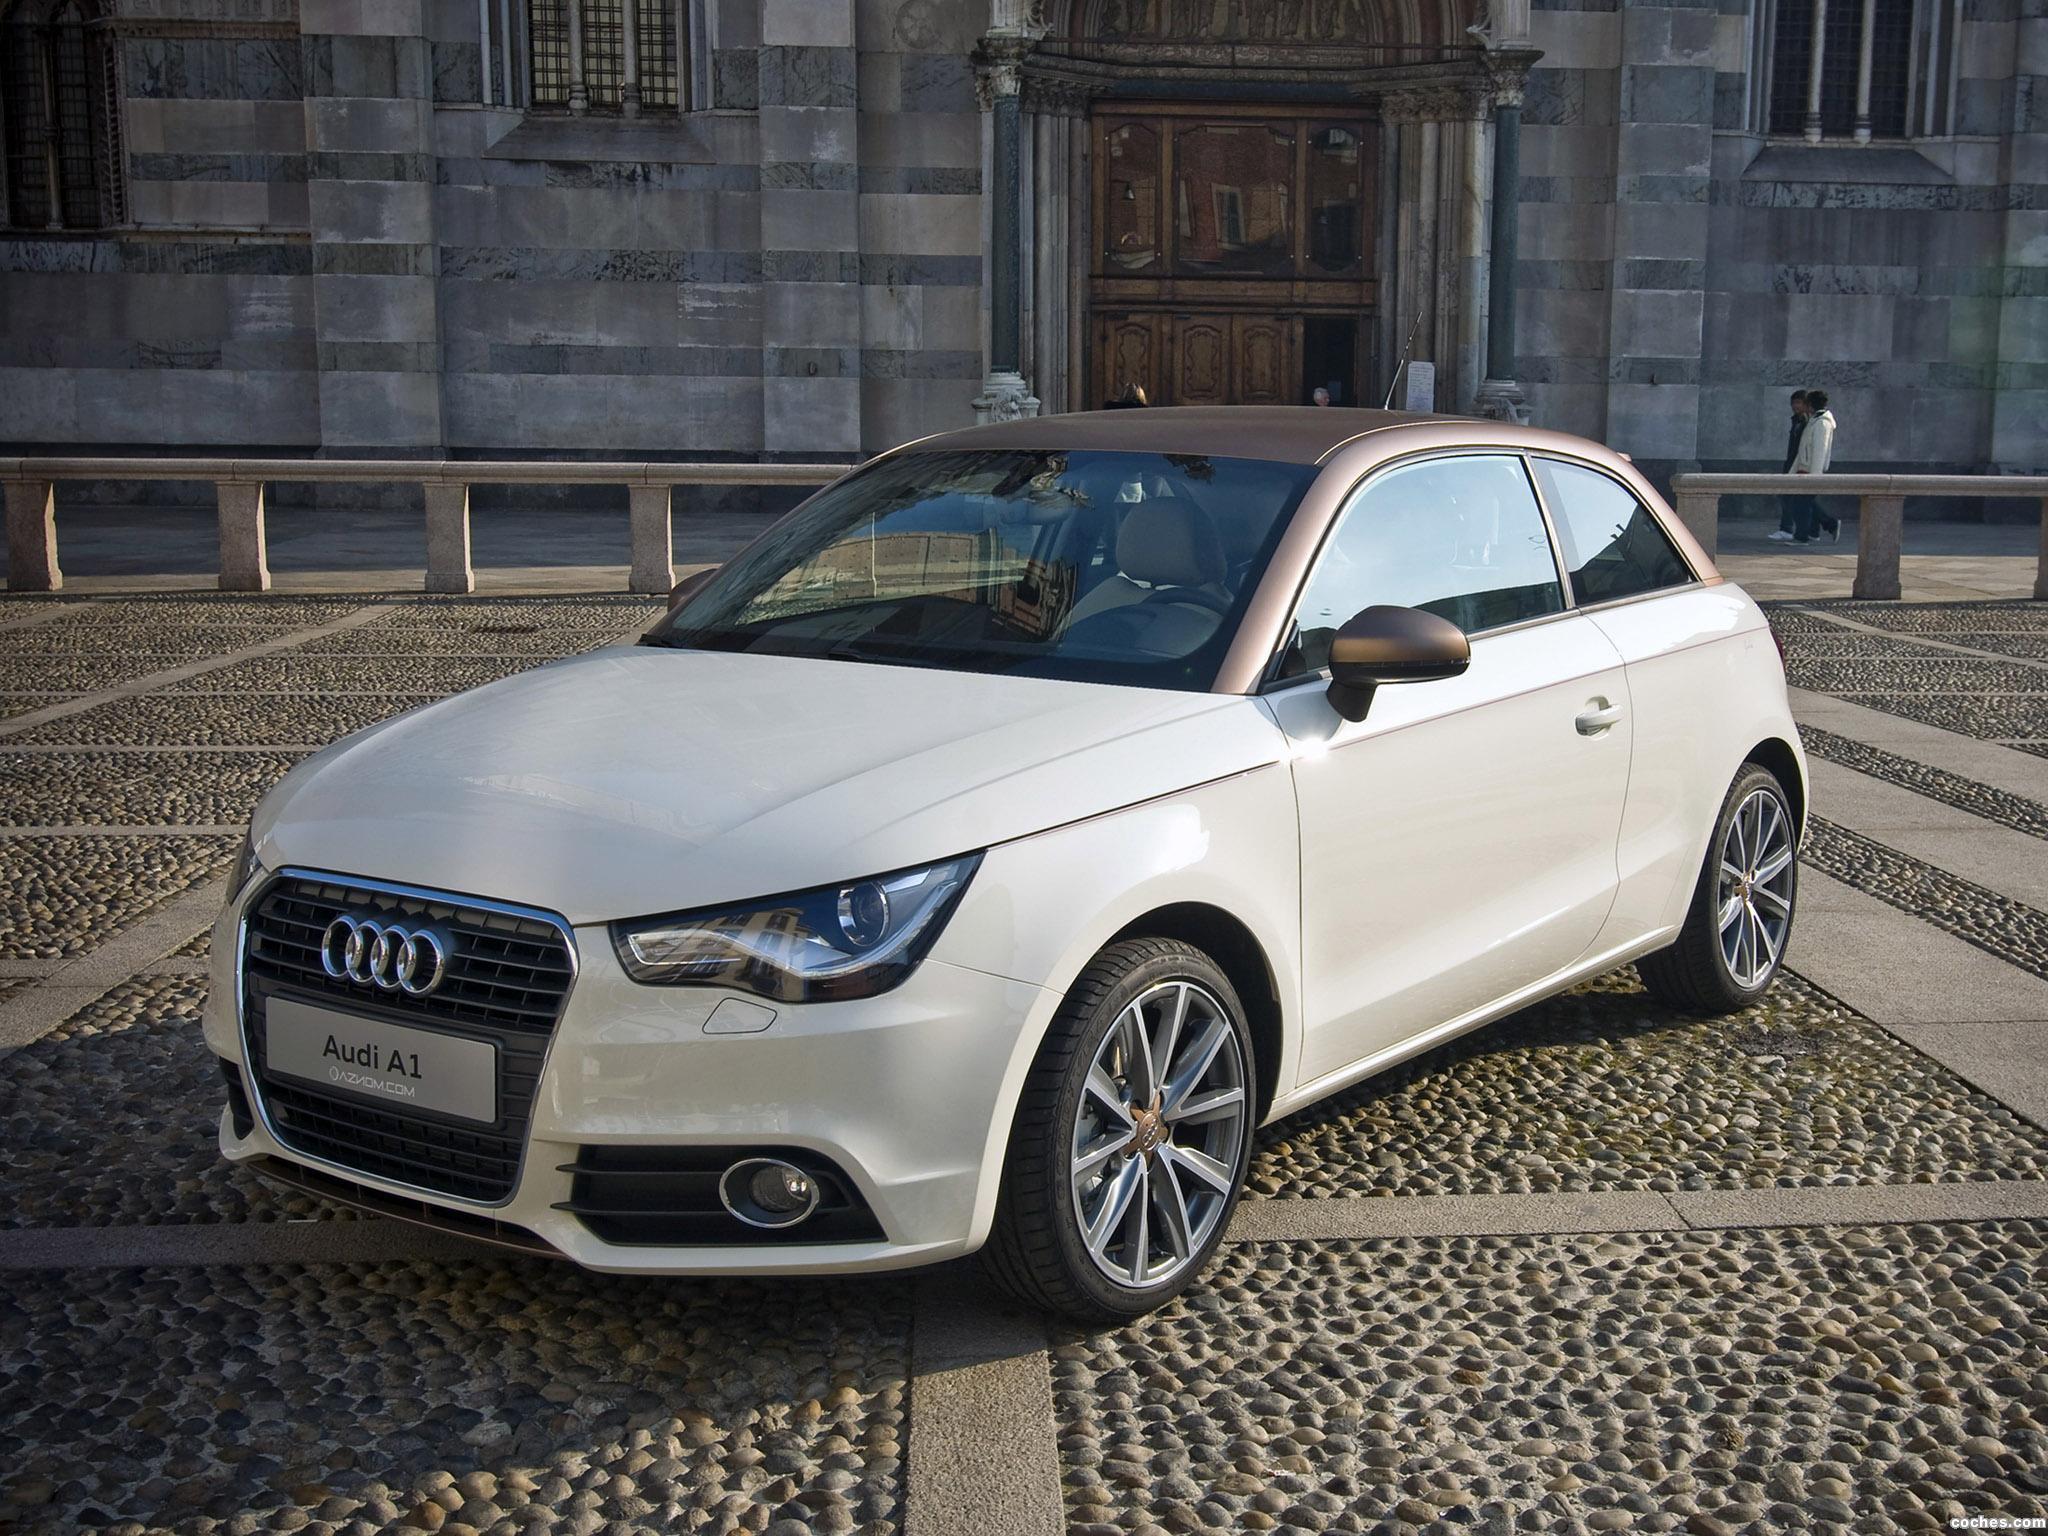 Foto 0 de Aznom Audi Audi A1 Goldie 2011